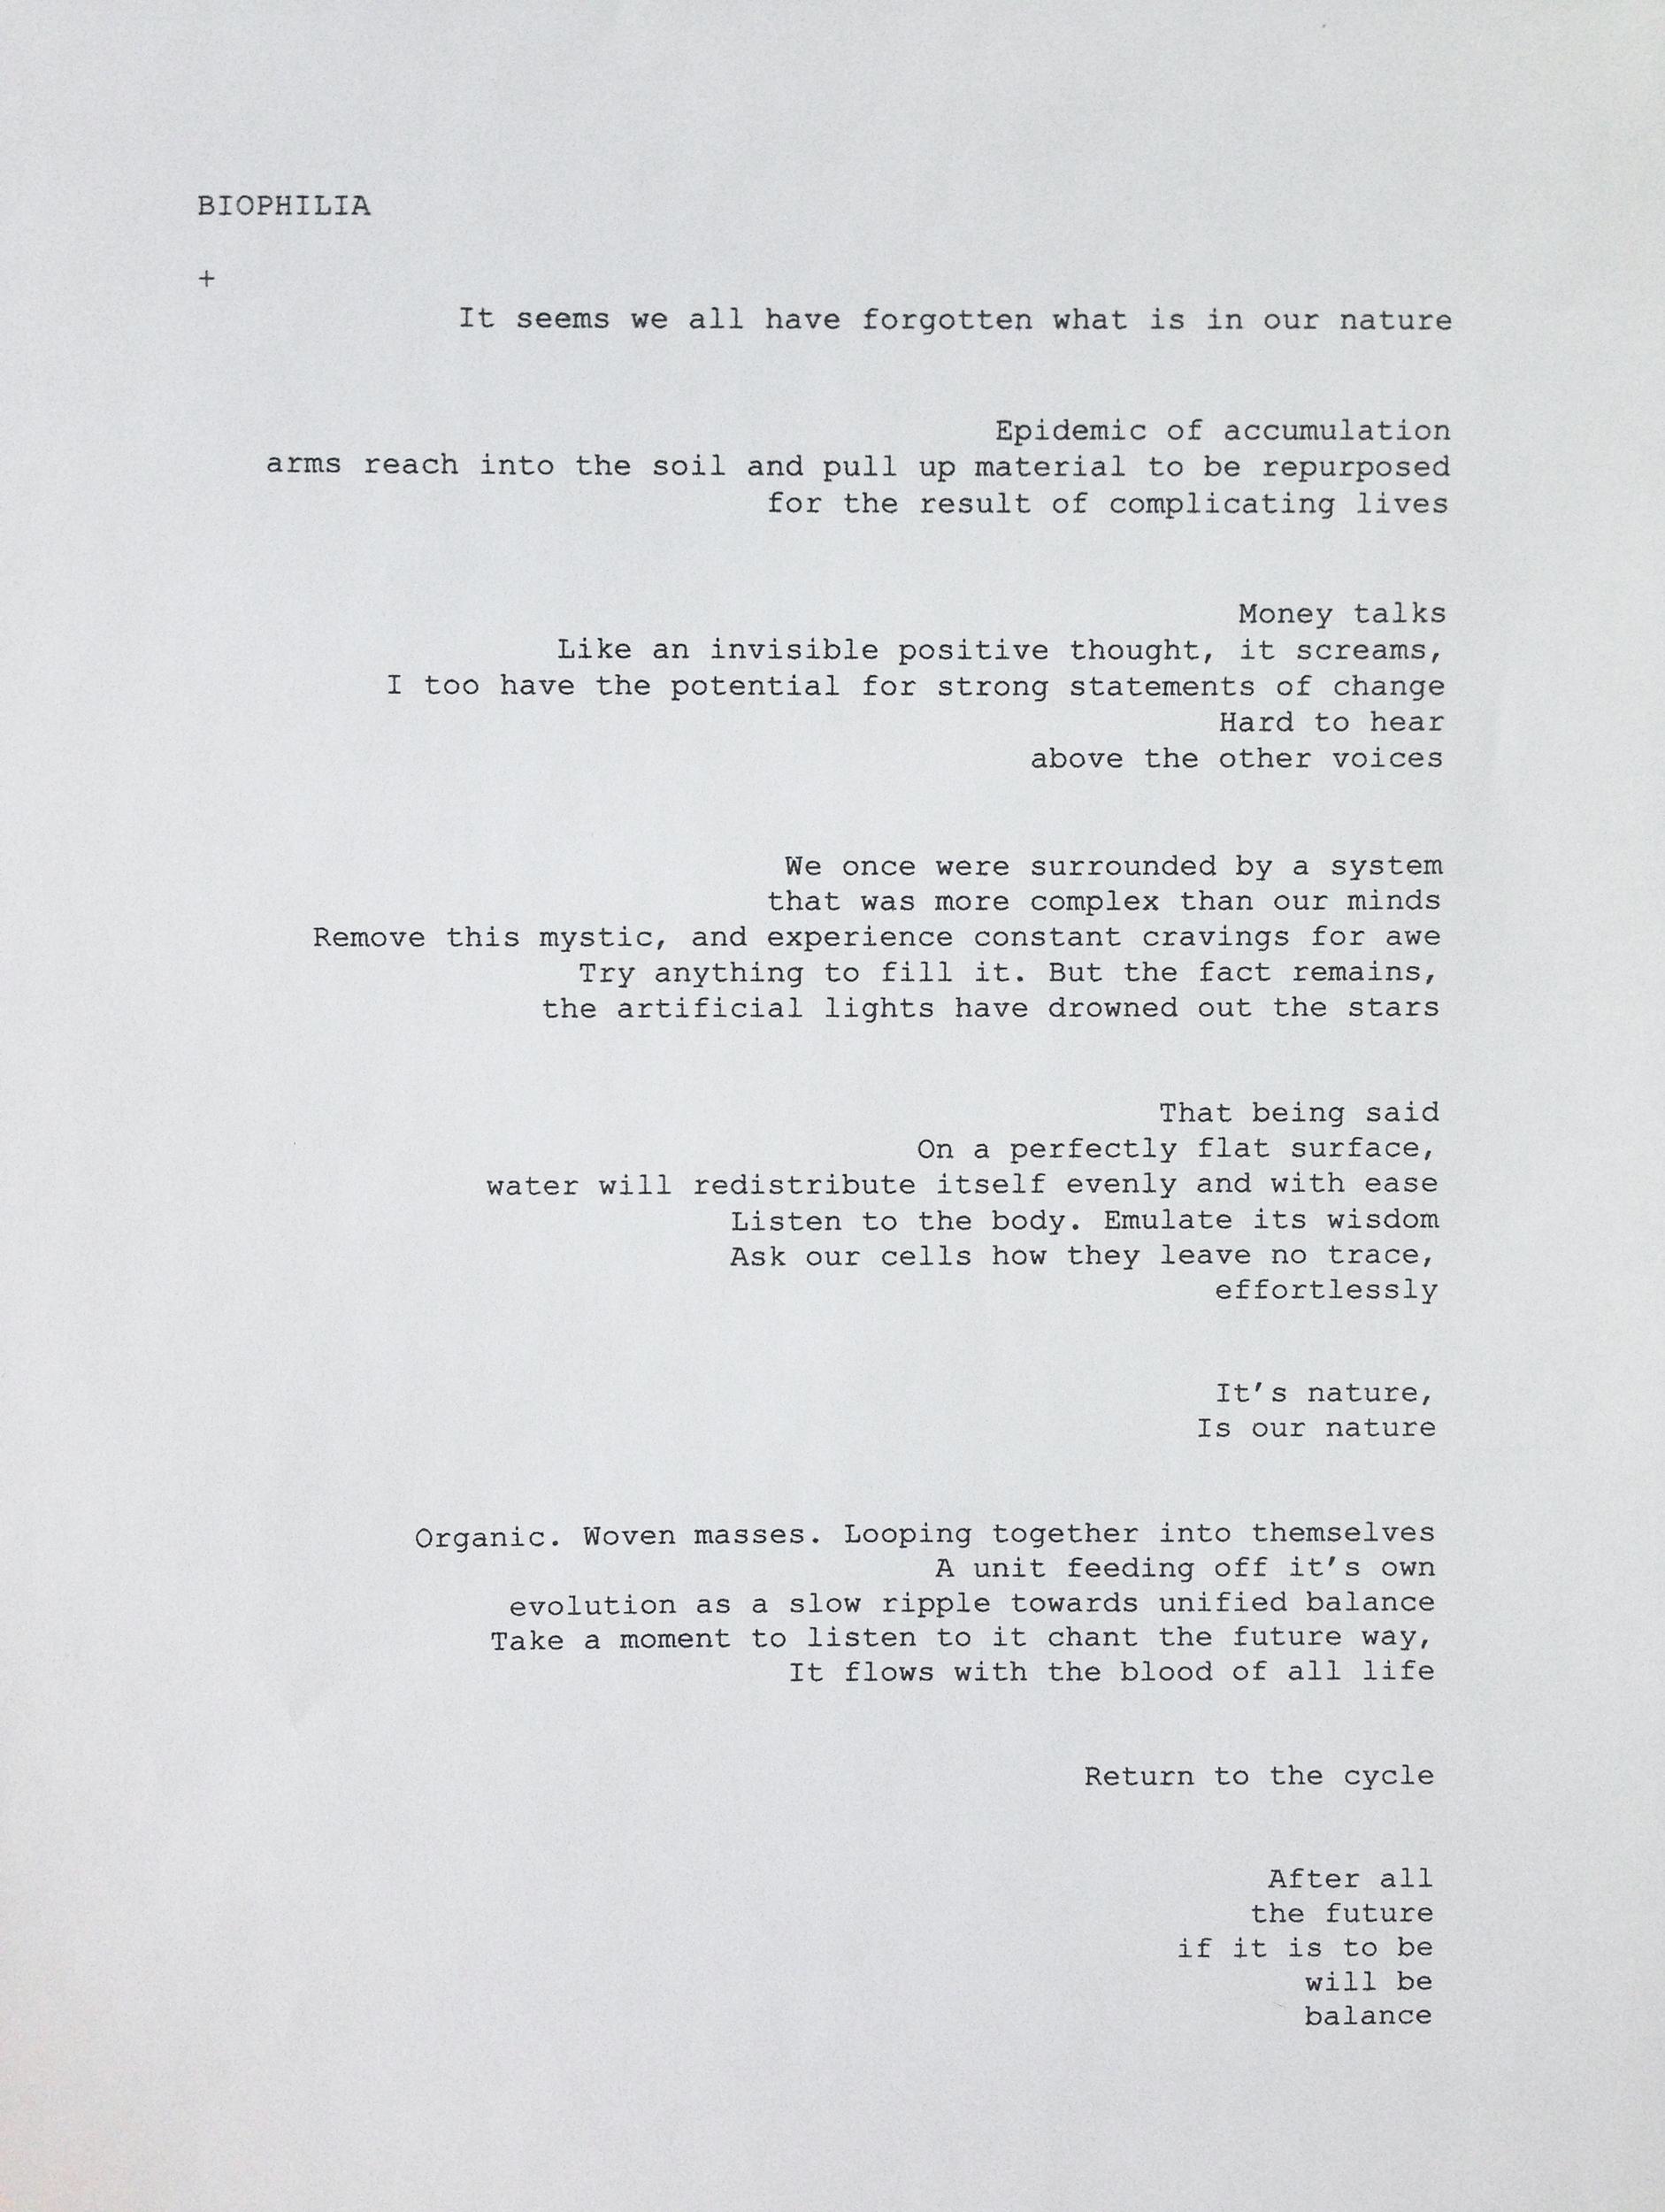 poem biophiliia.jpg